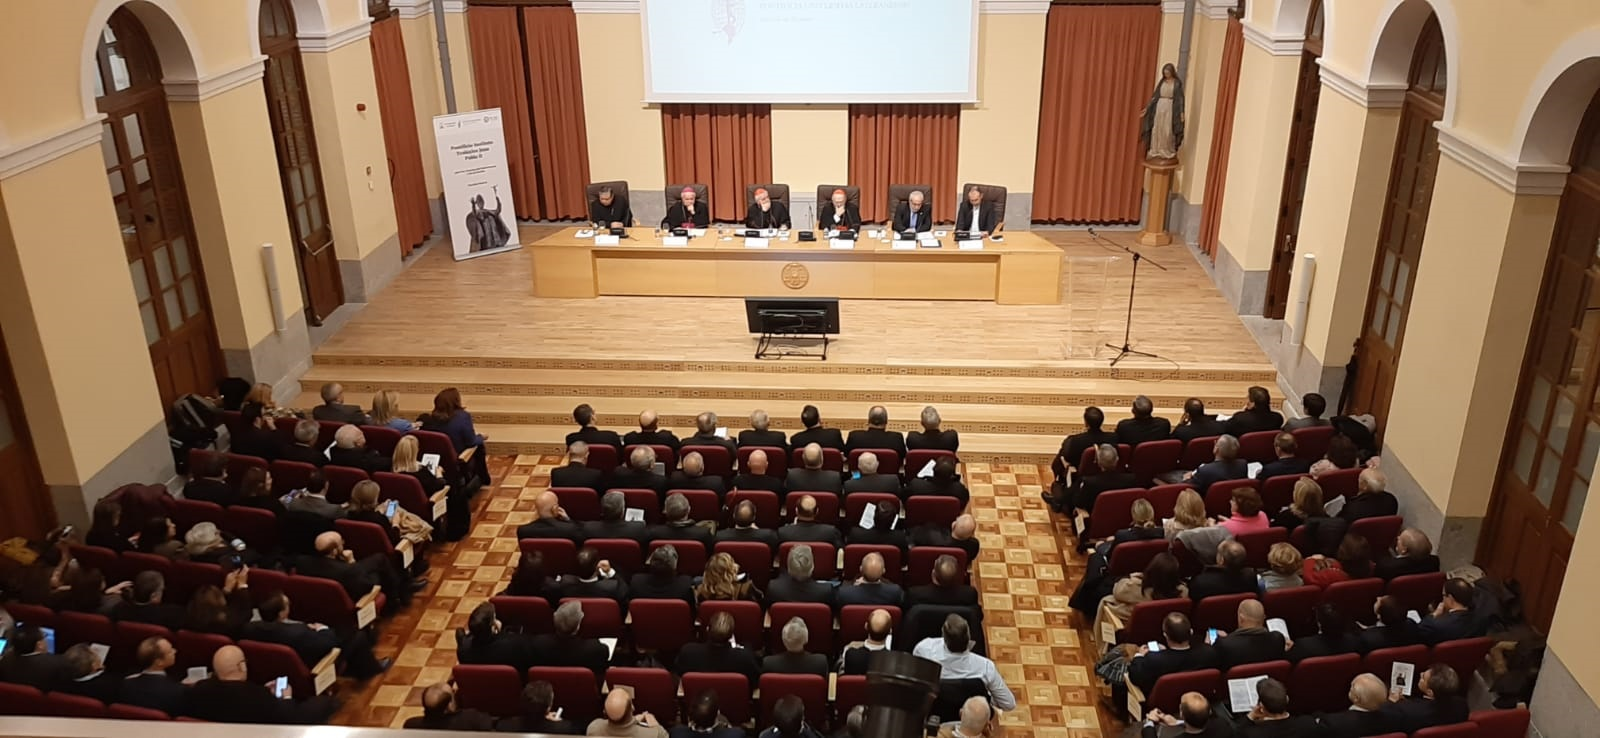 inauguracion sede madrid pontificio instituto juan pablo ii madrid enero 2020